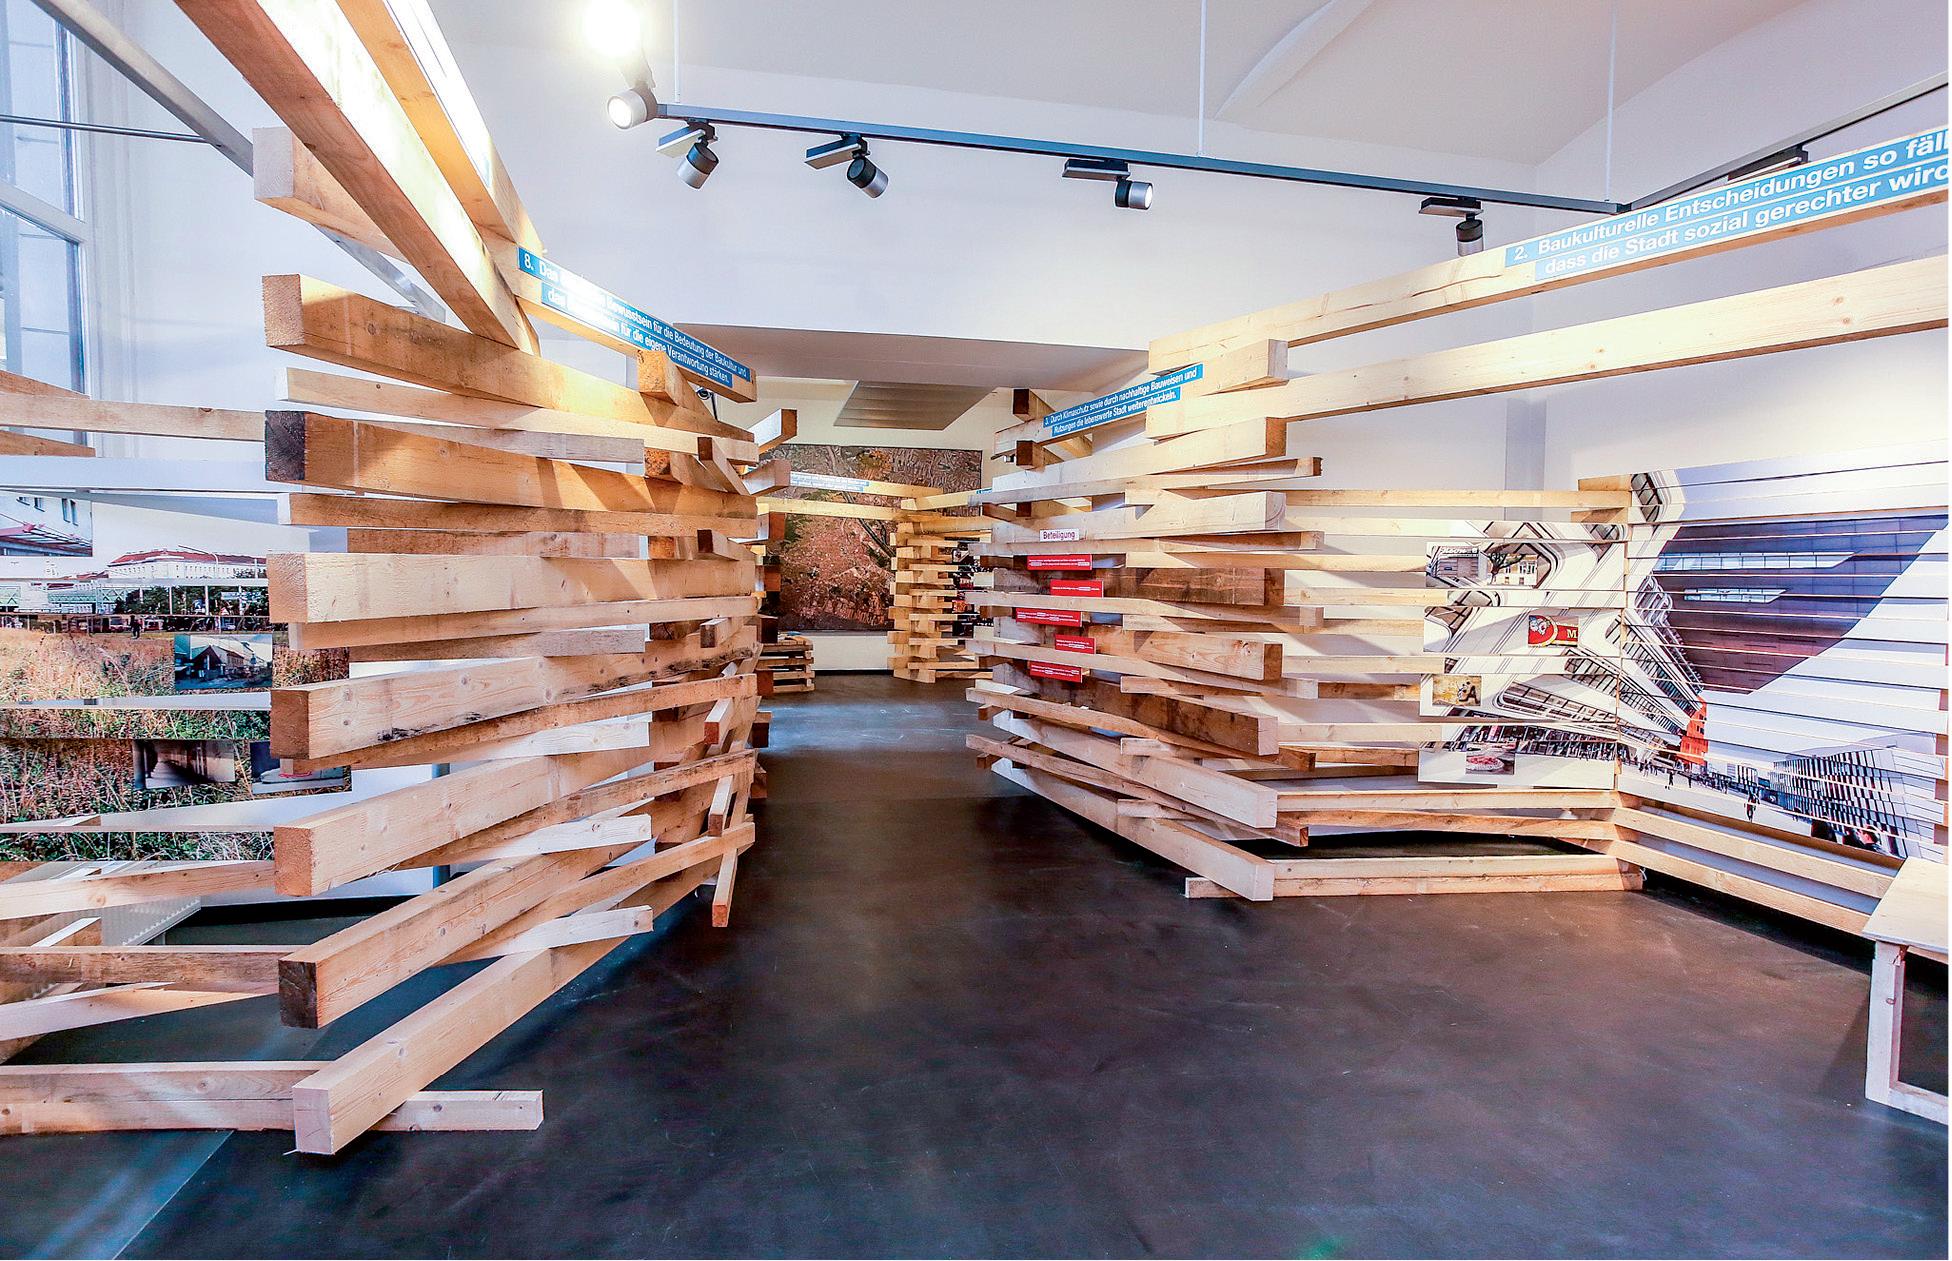 miss_vdr architektur + heri&salli + zunder zwo: architectural concept of the exhibition  Baukultur – Denk Deine Stadt anders, Vienna, photo: © c.fuerthner / MA 19